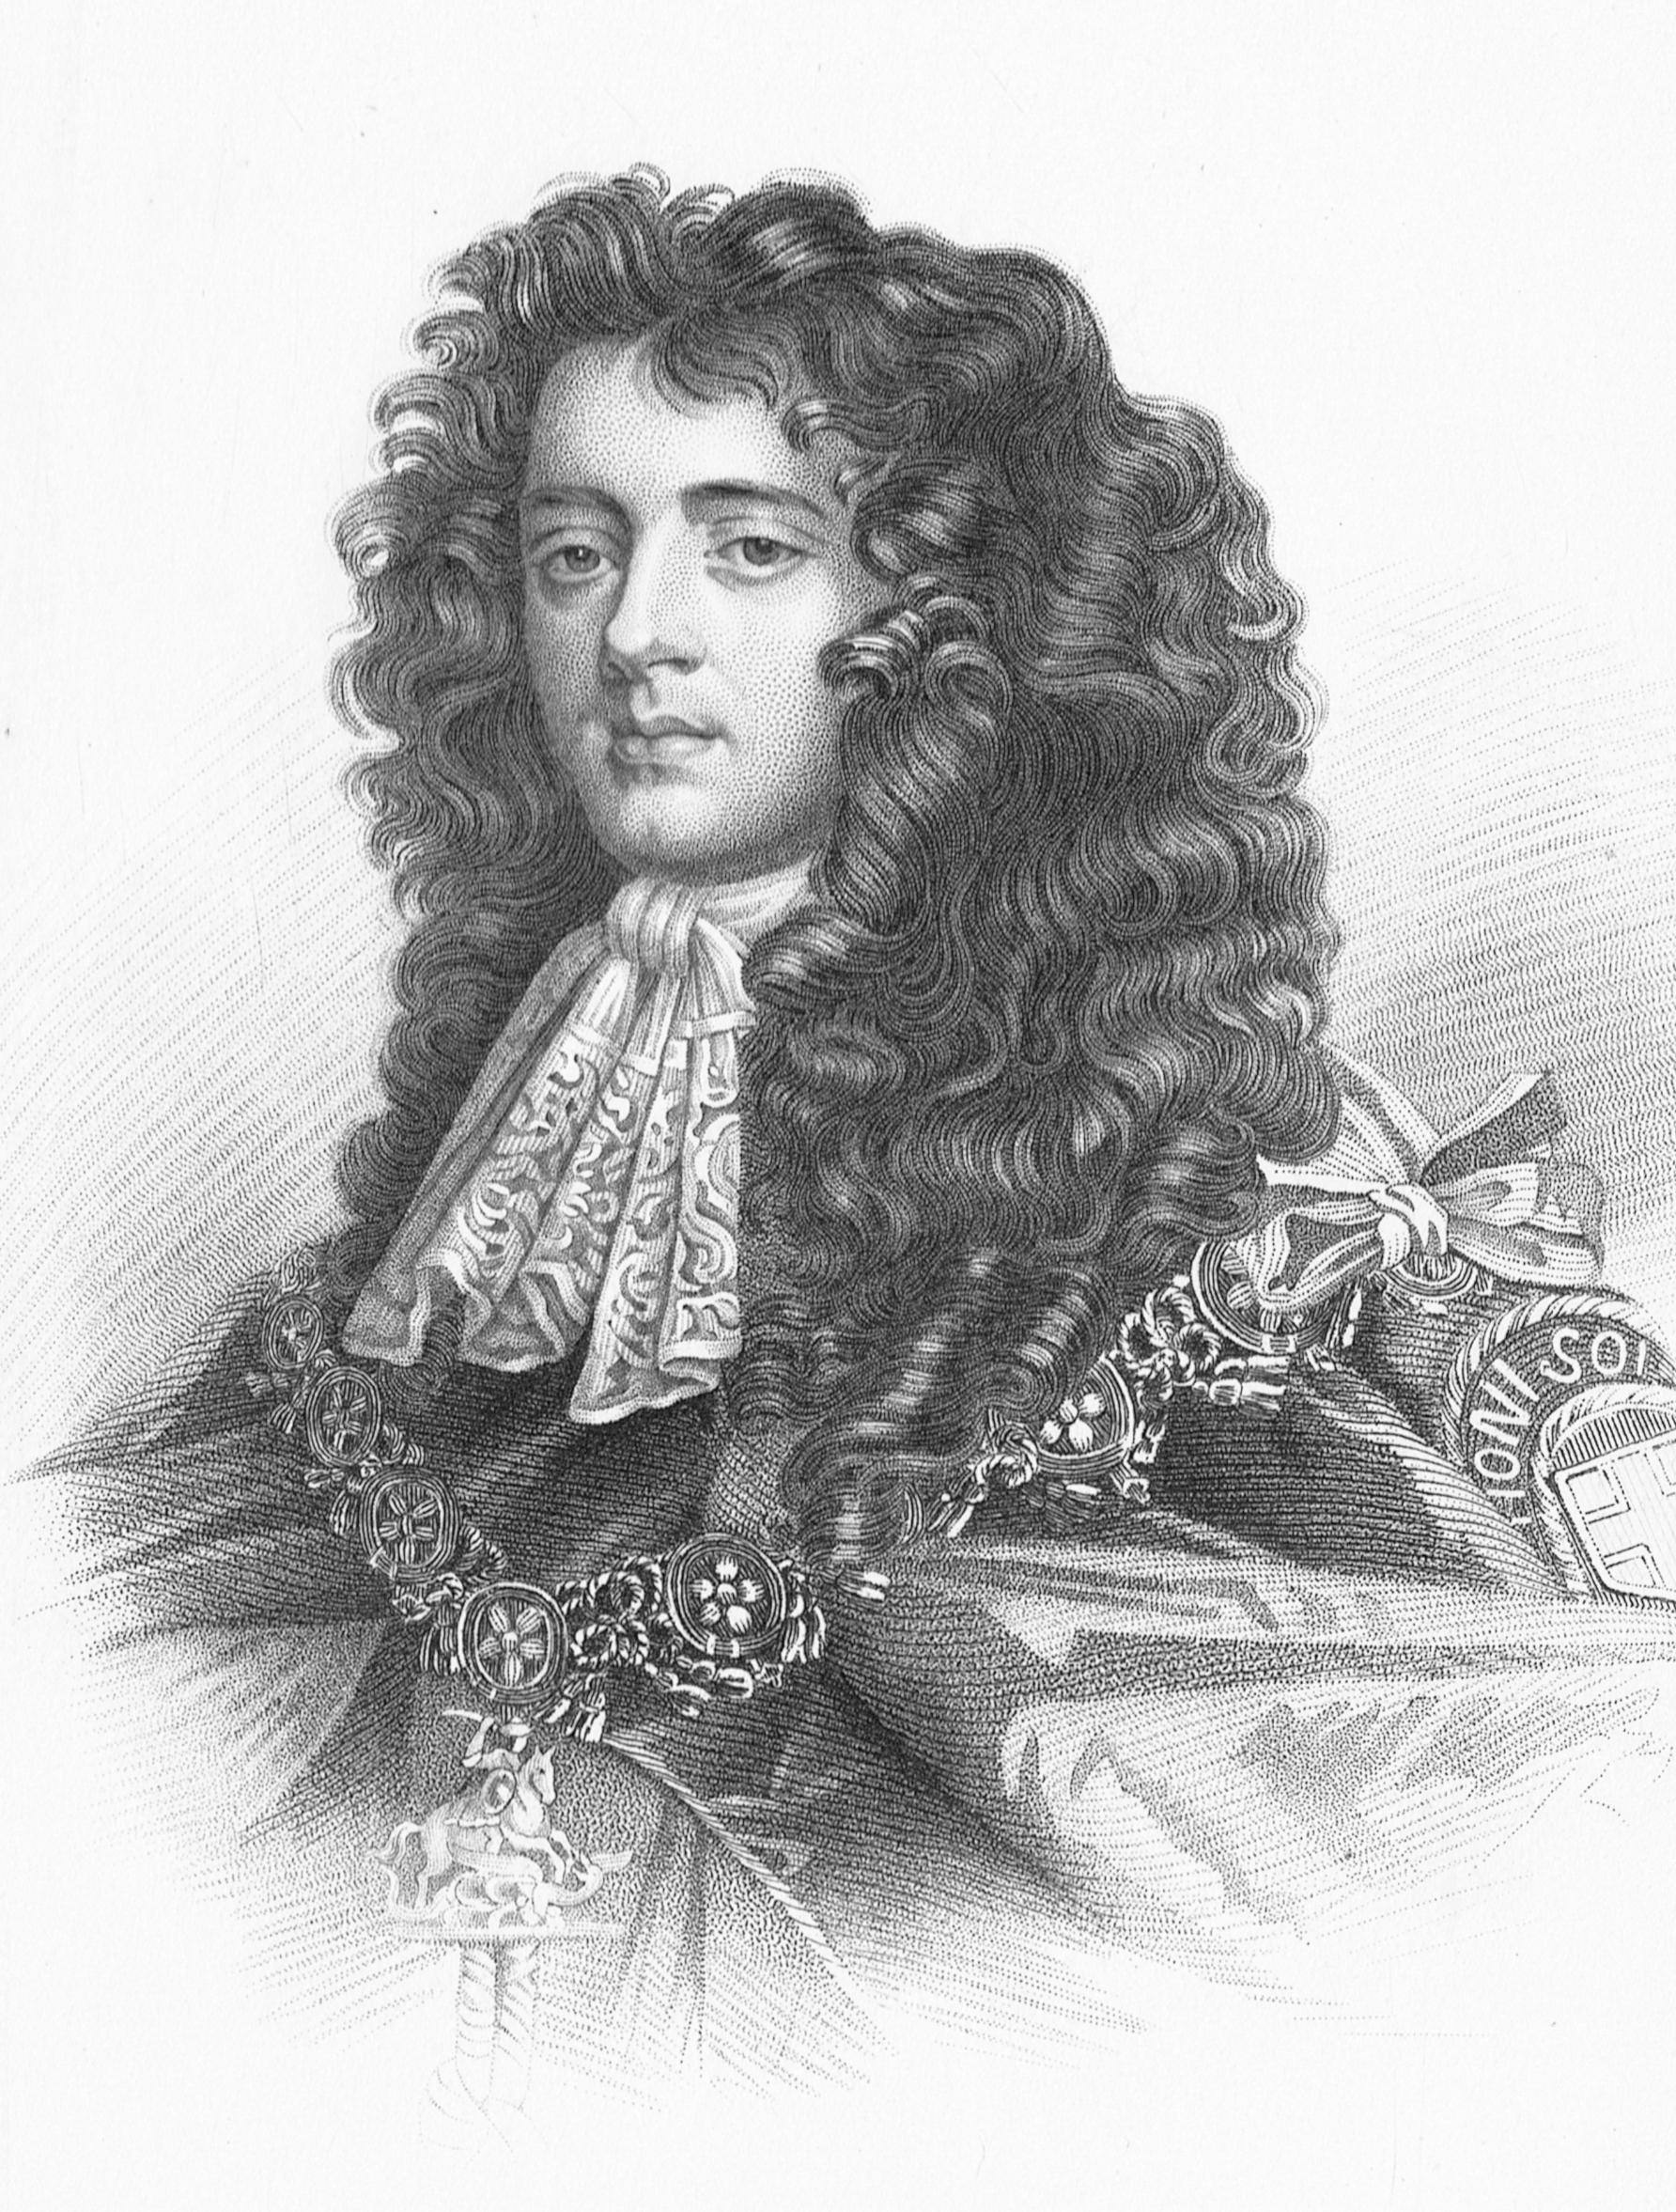 Pictire of James Scott, Duke of Monmouth